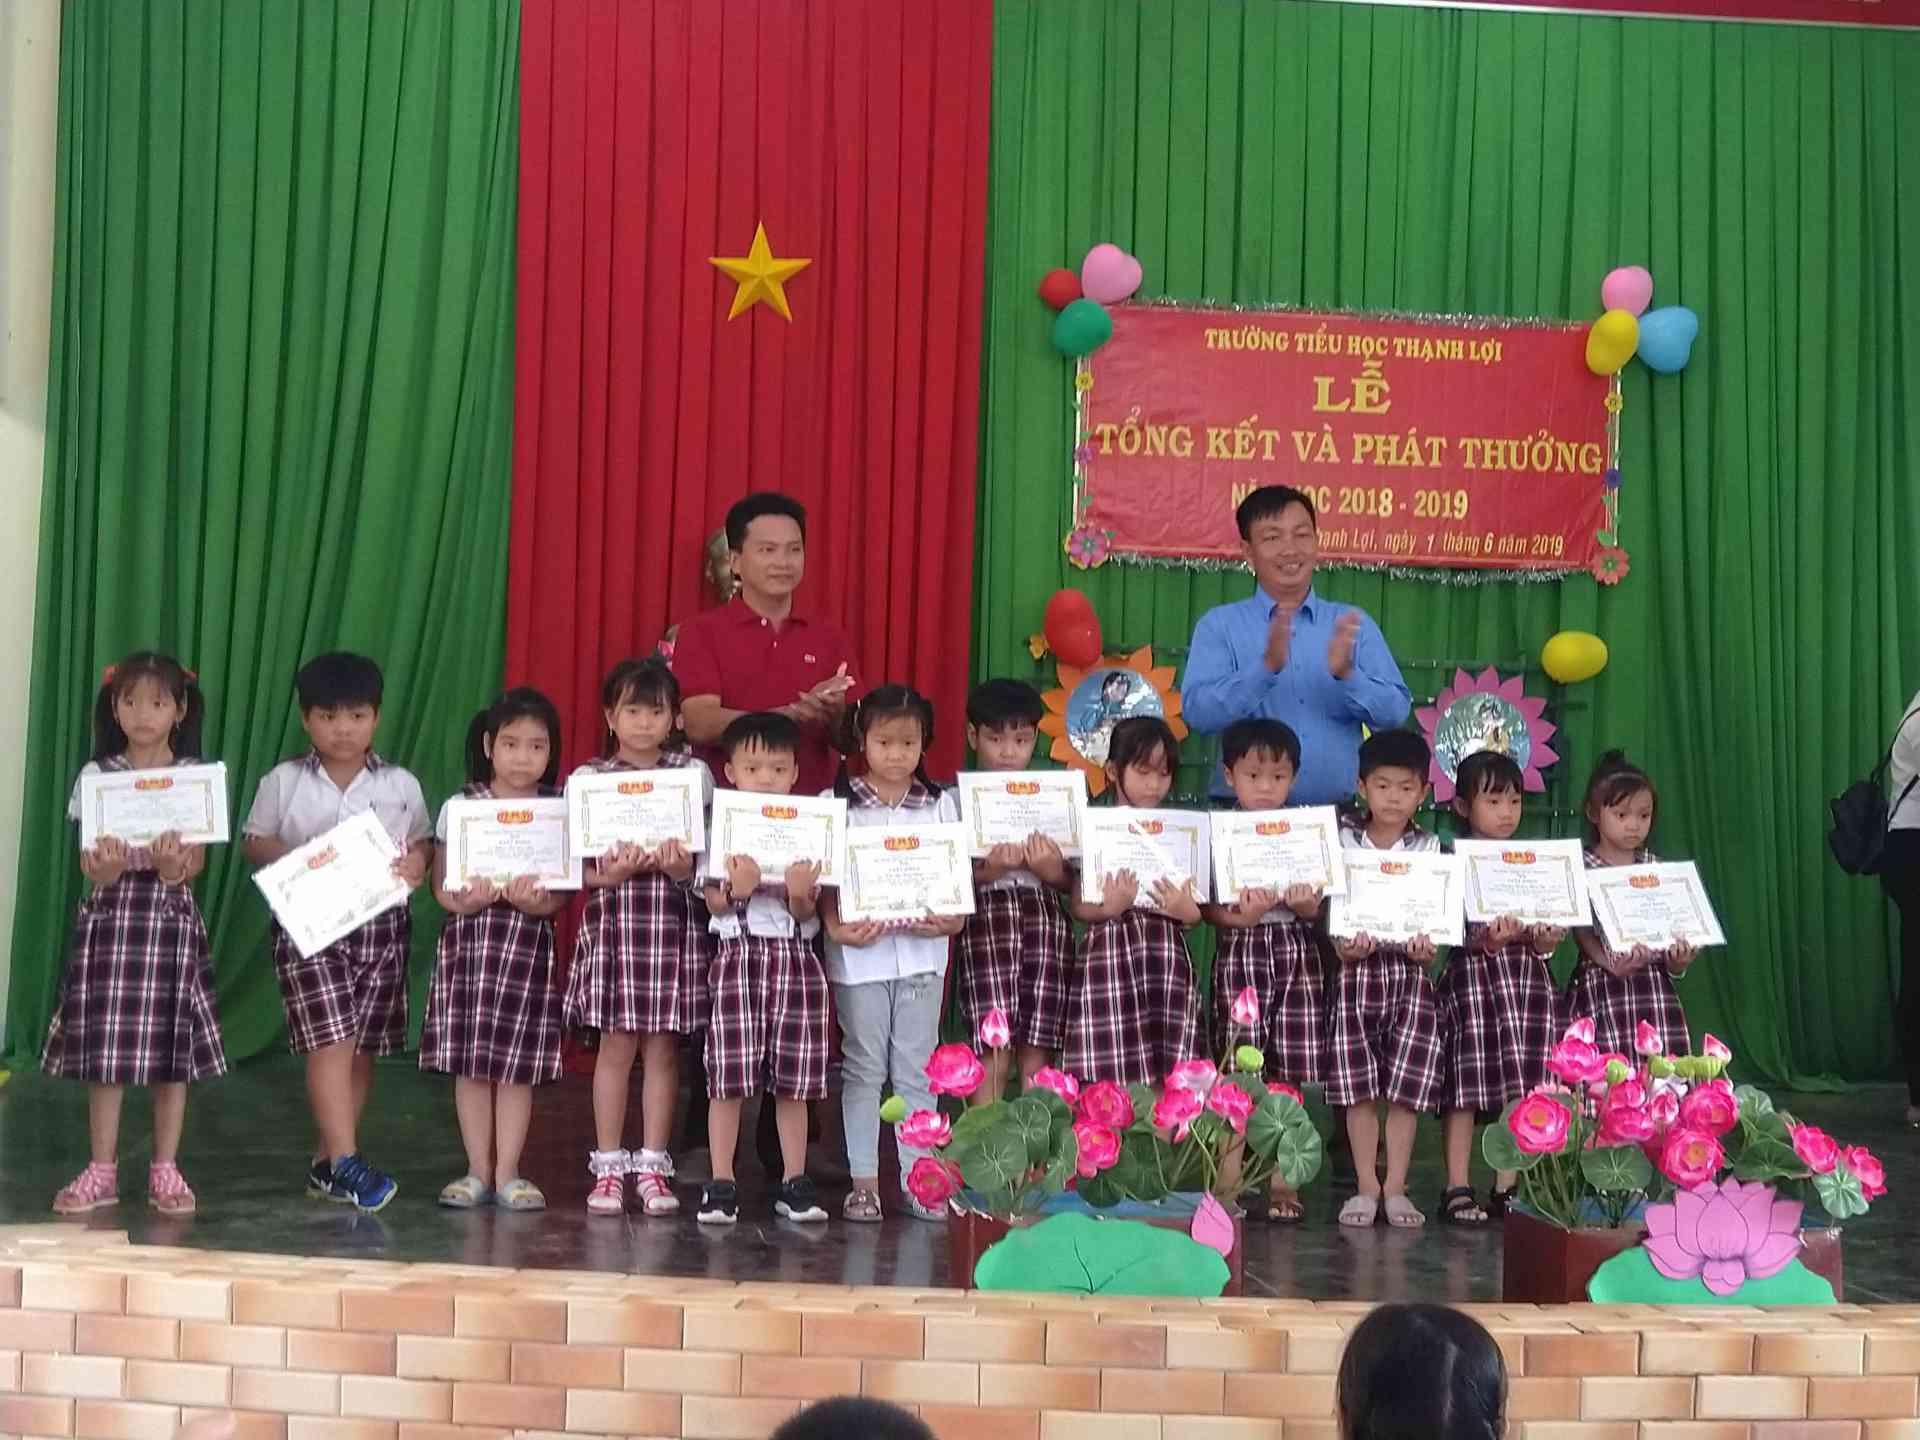 Những niệm vui của các em học sinh khi nhận được giấy khen và phần thưởng.